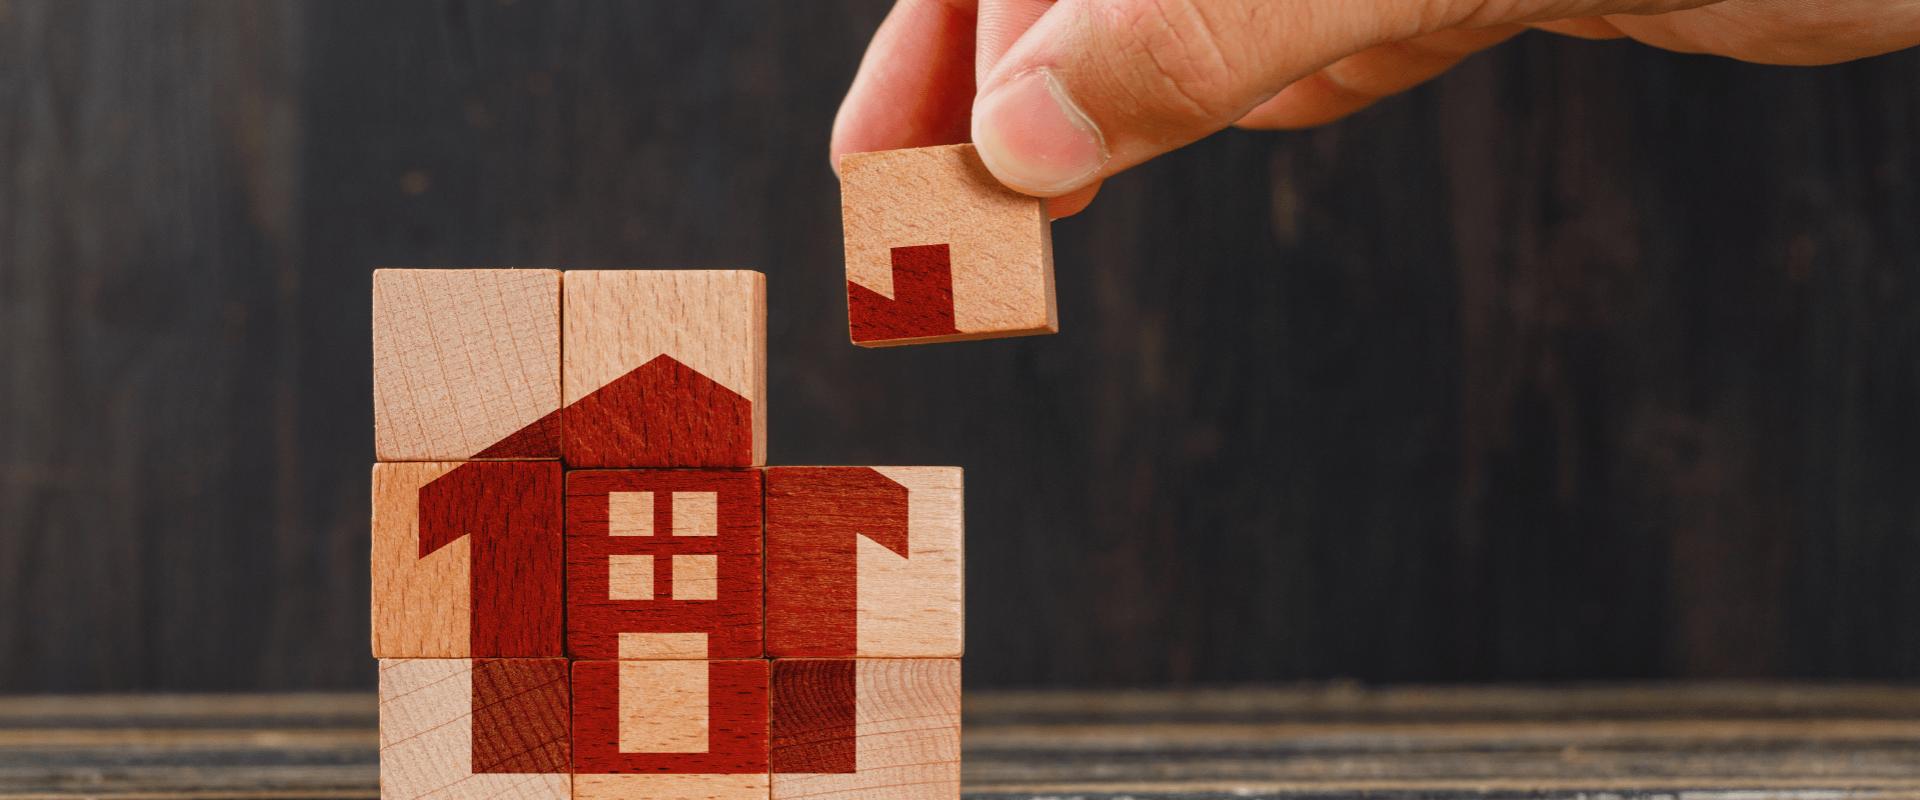 2 modi alternativi di comprare casa: il rent to buy e il leasing immobiliare